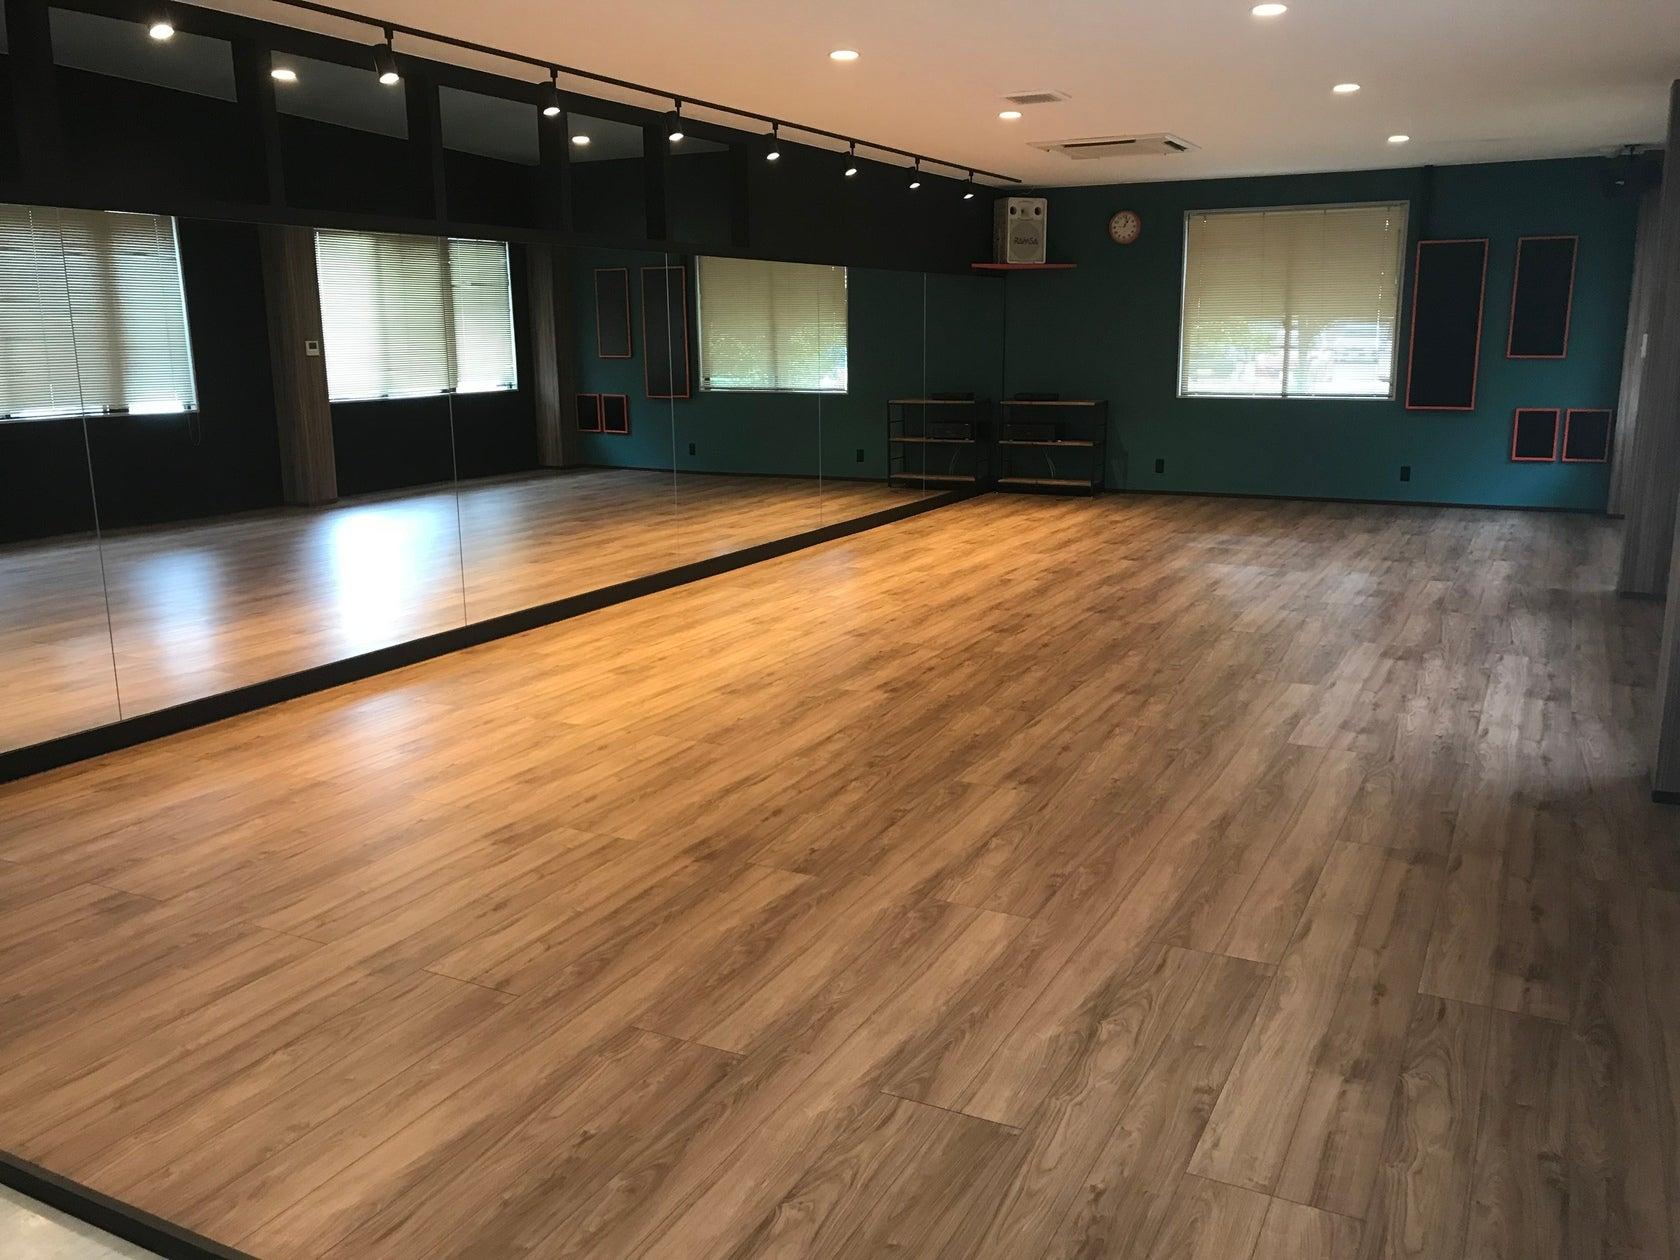 広々とした快適な空間が2部屋あり、最大60名収容!駐車場50台可能!(一階はダンス、二階は60名収容可能、研修、会議、ダンスなどで使用できる多目的ルームです!) の写真0